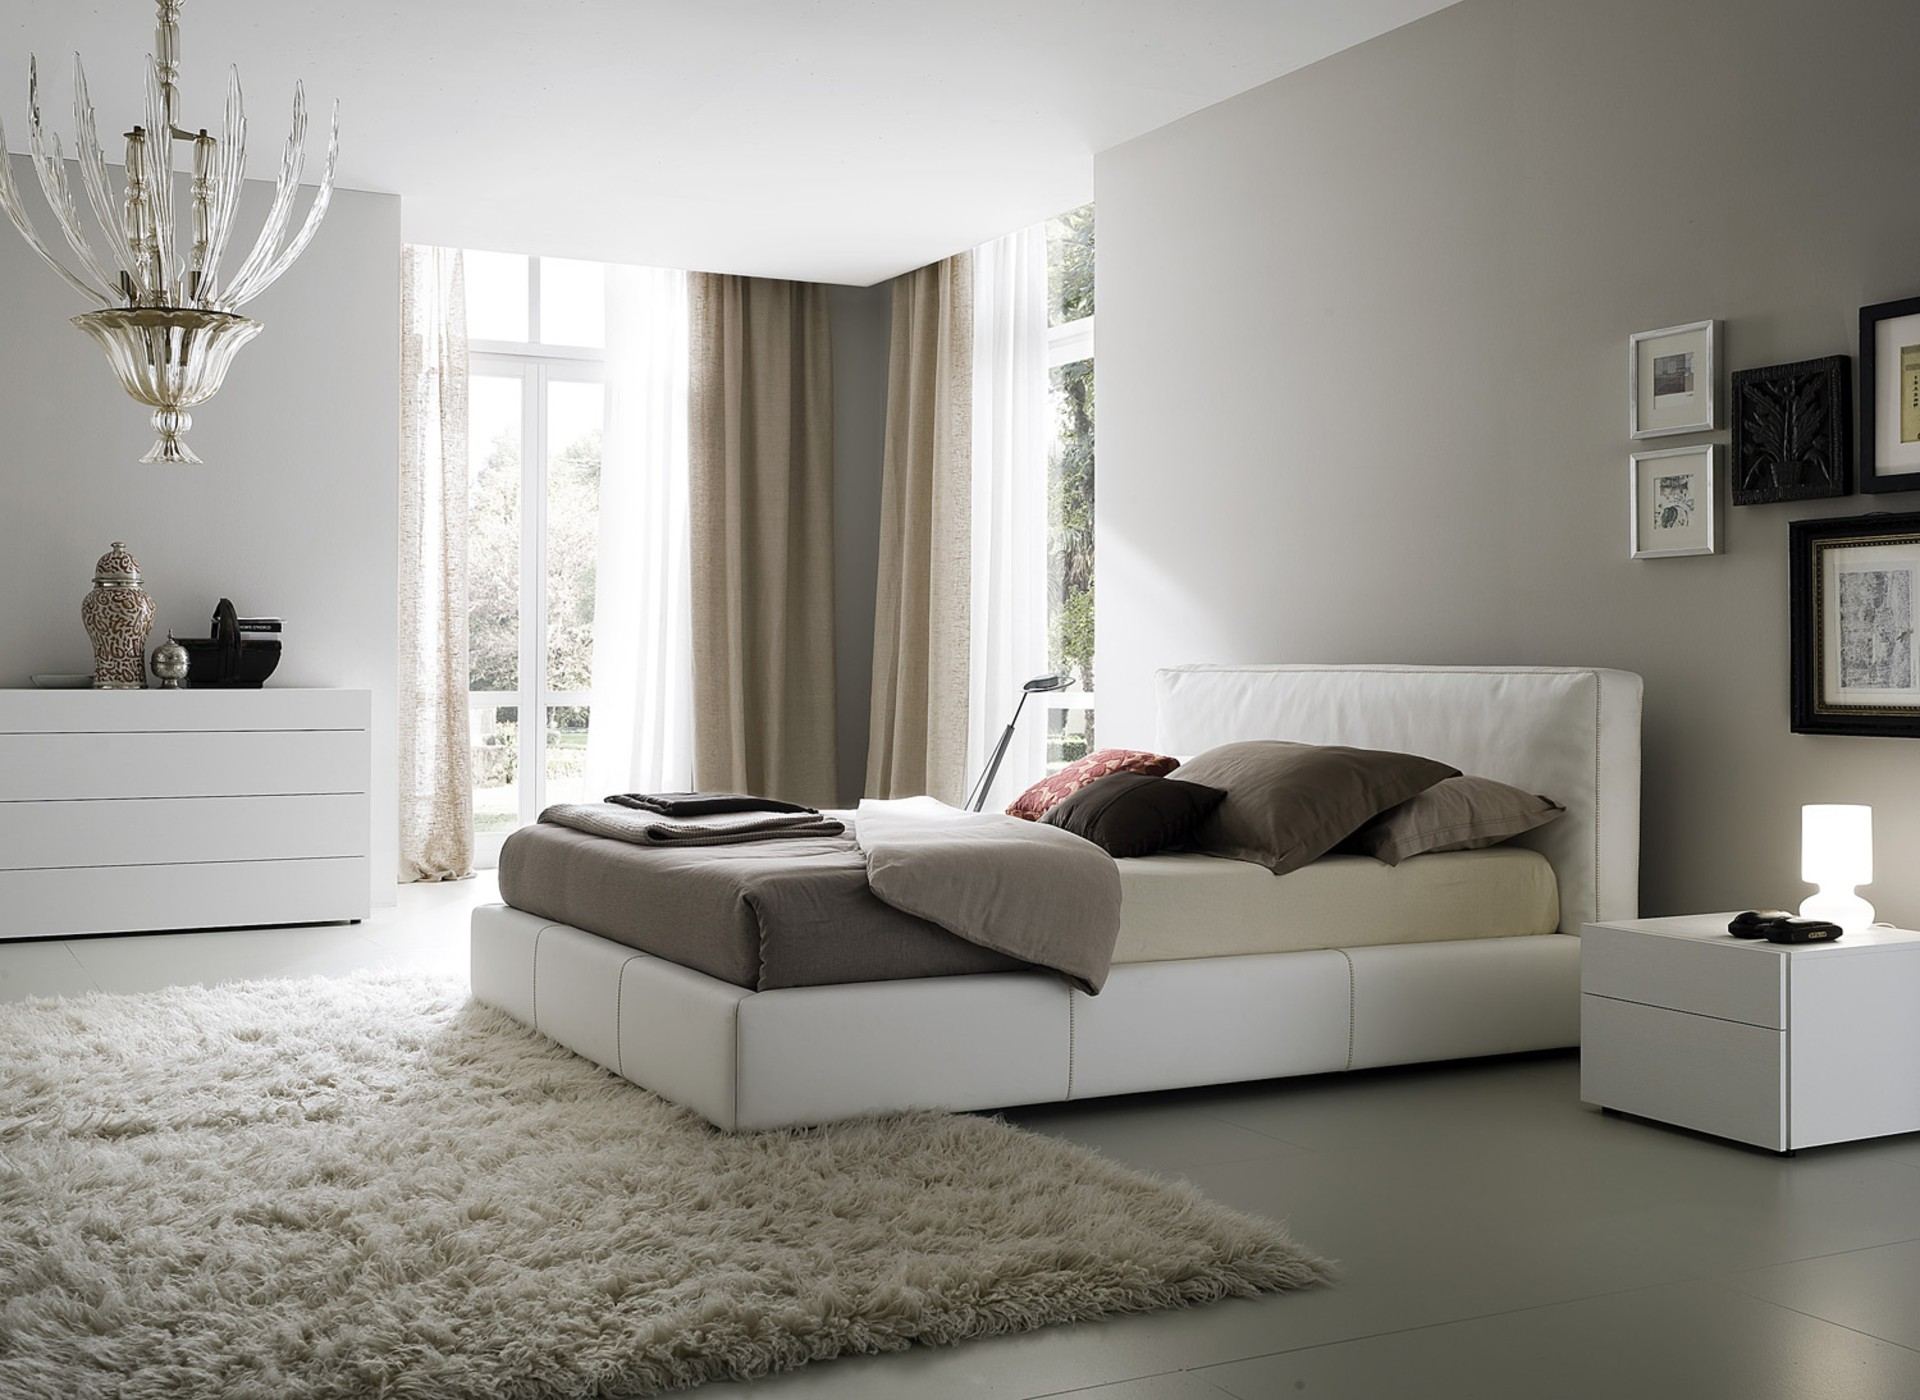 """<img src=""""noi-that-phong-ngu-dep.jpg""""alt=nội thất phòng ngủ đẹp""""/>"""